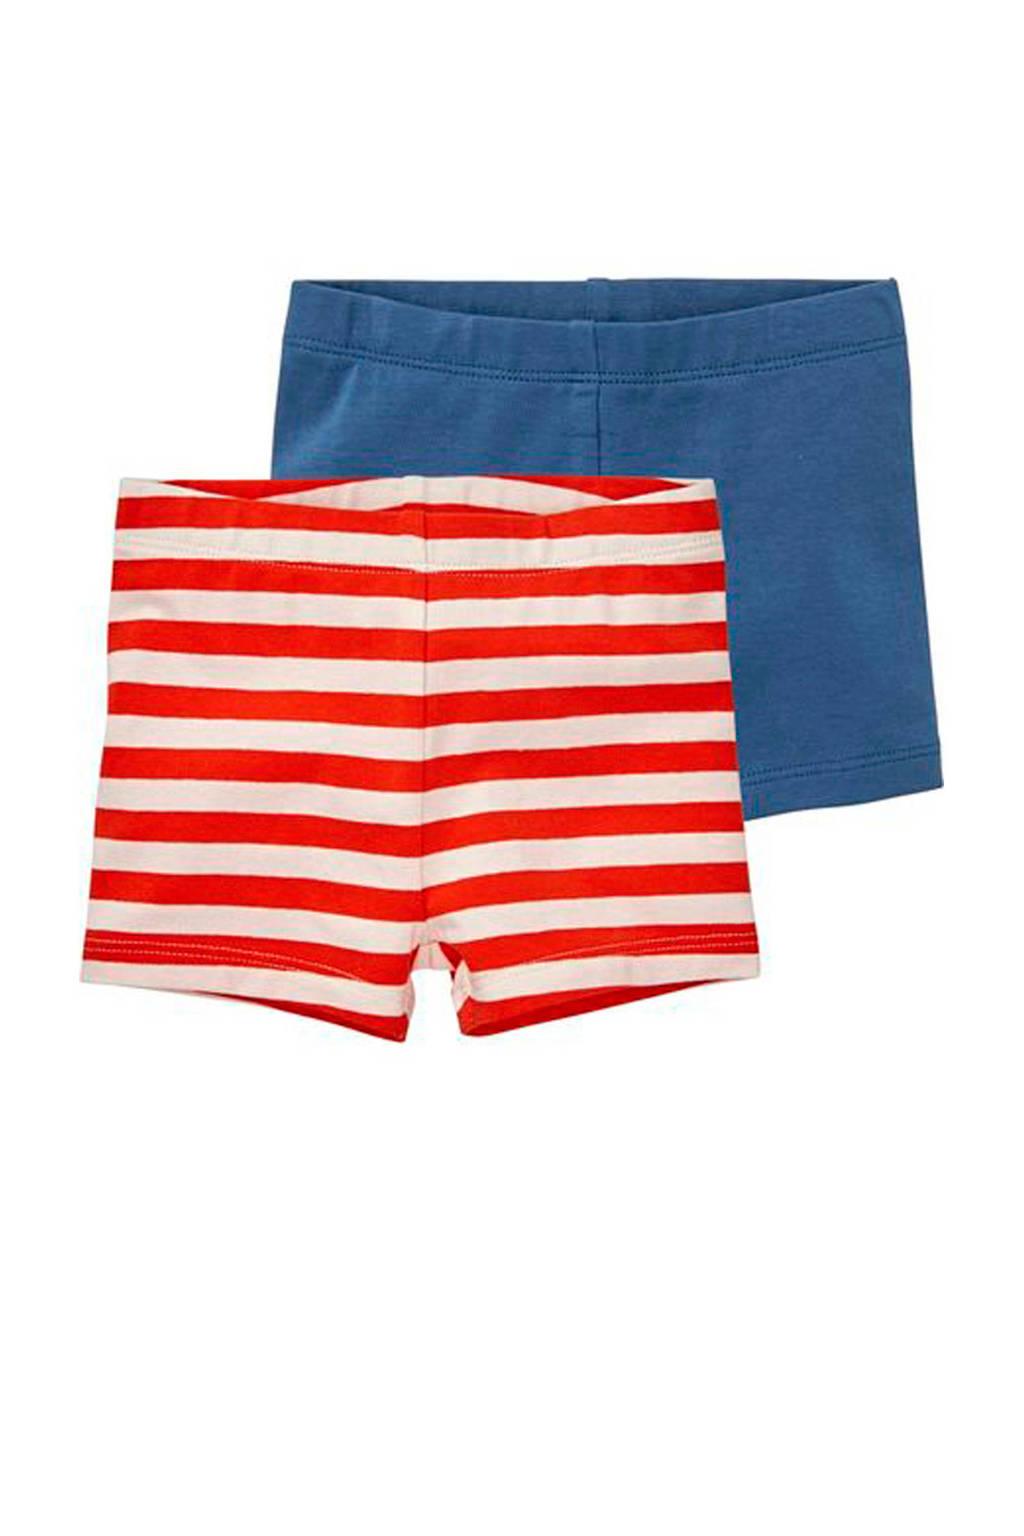 HEMA gestreepte legging rood/wit/blauw - set van 2, Rood/wit/blauw